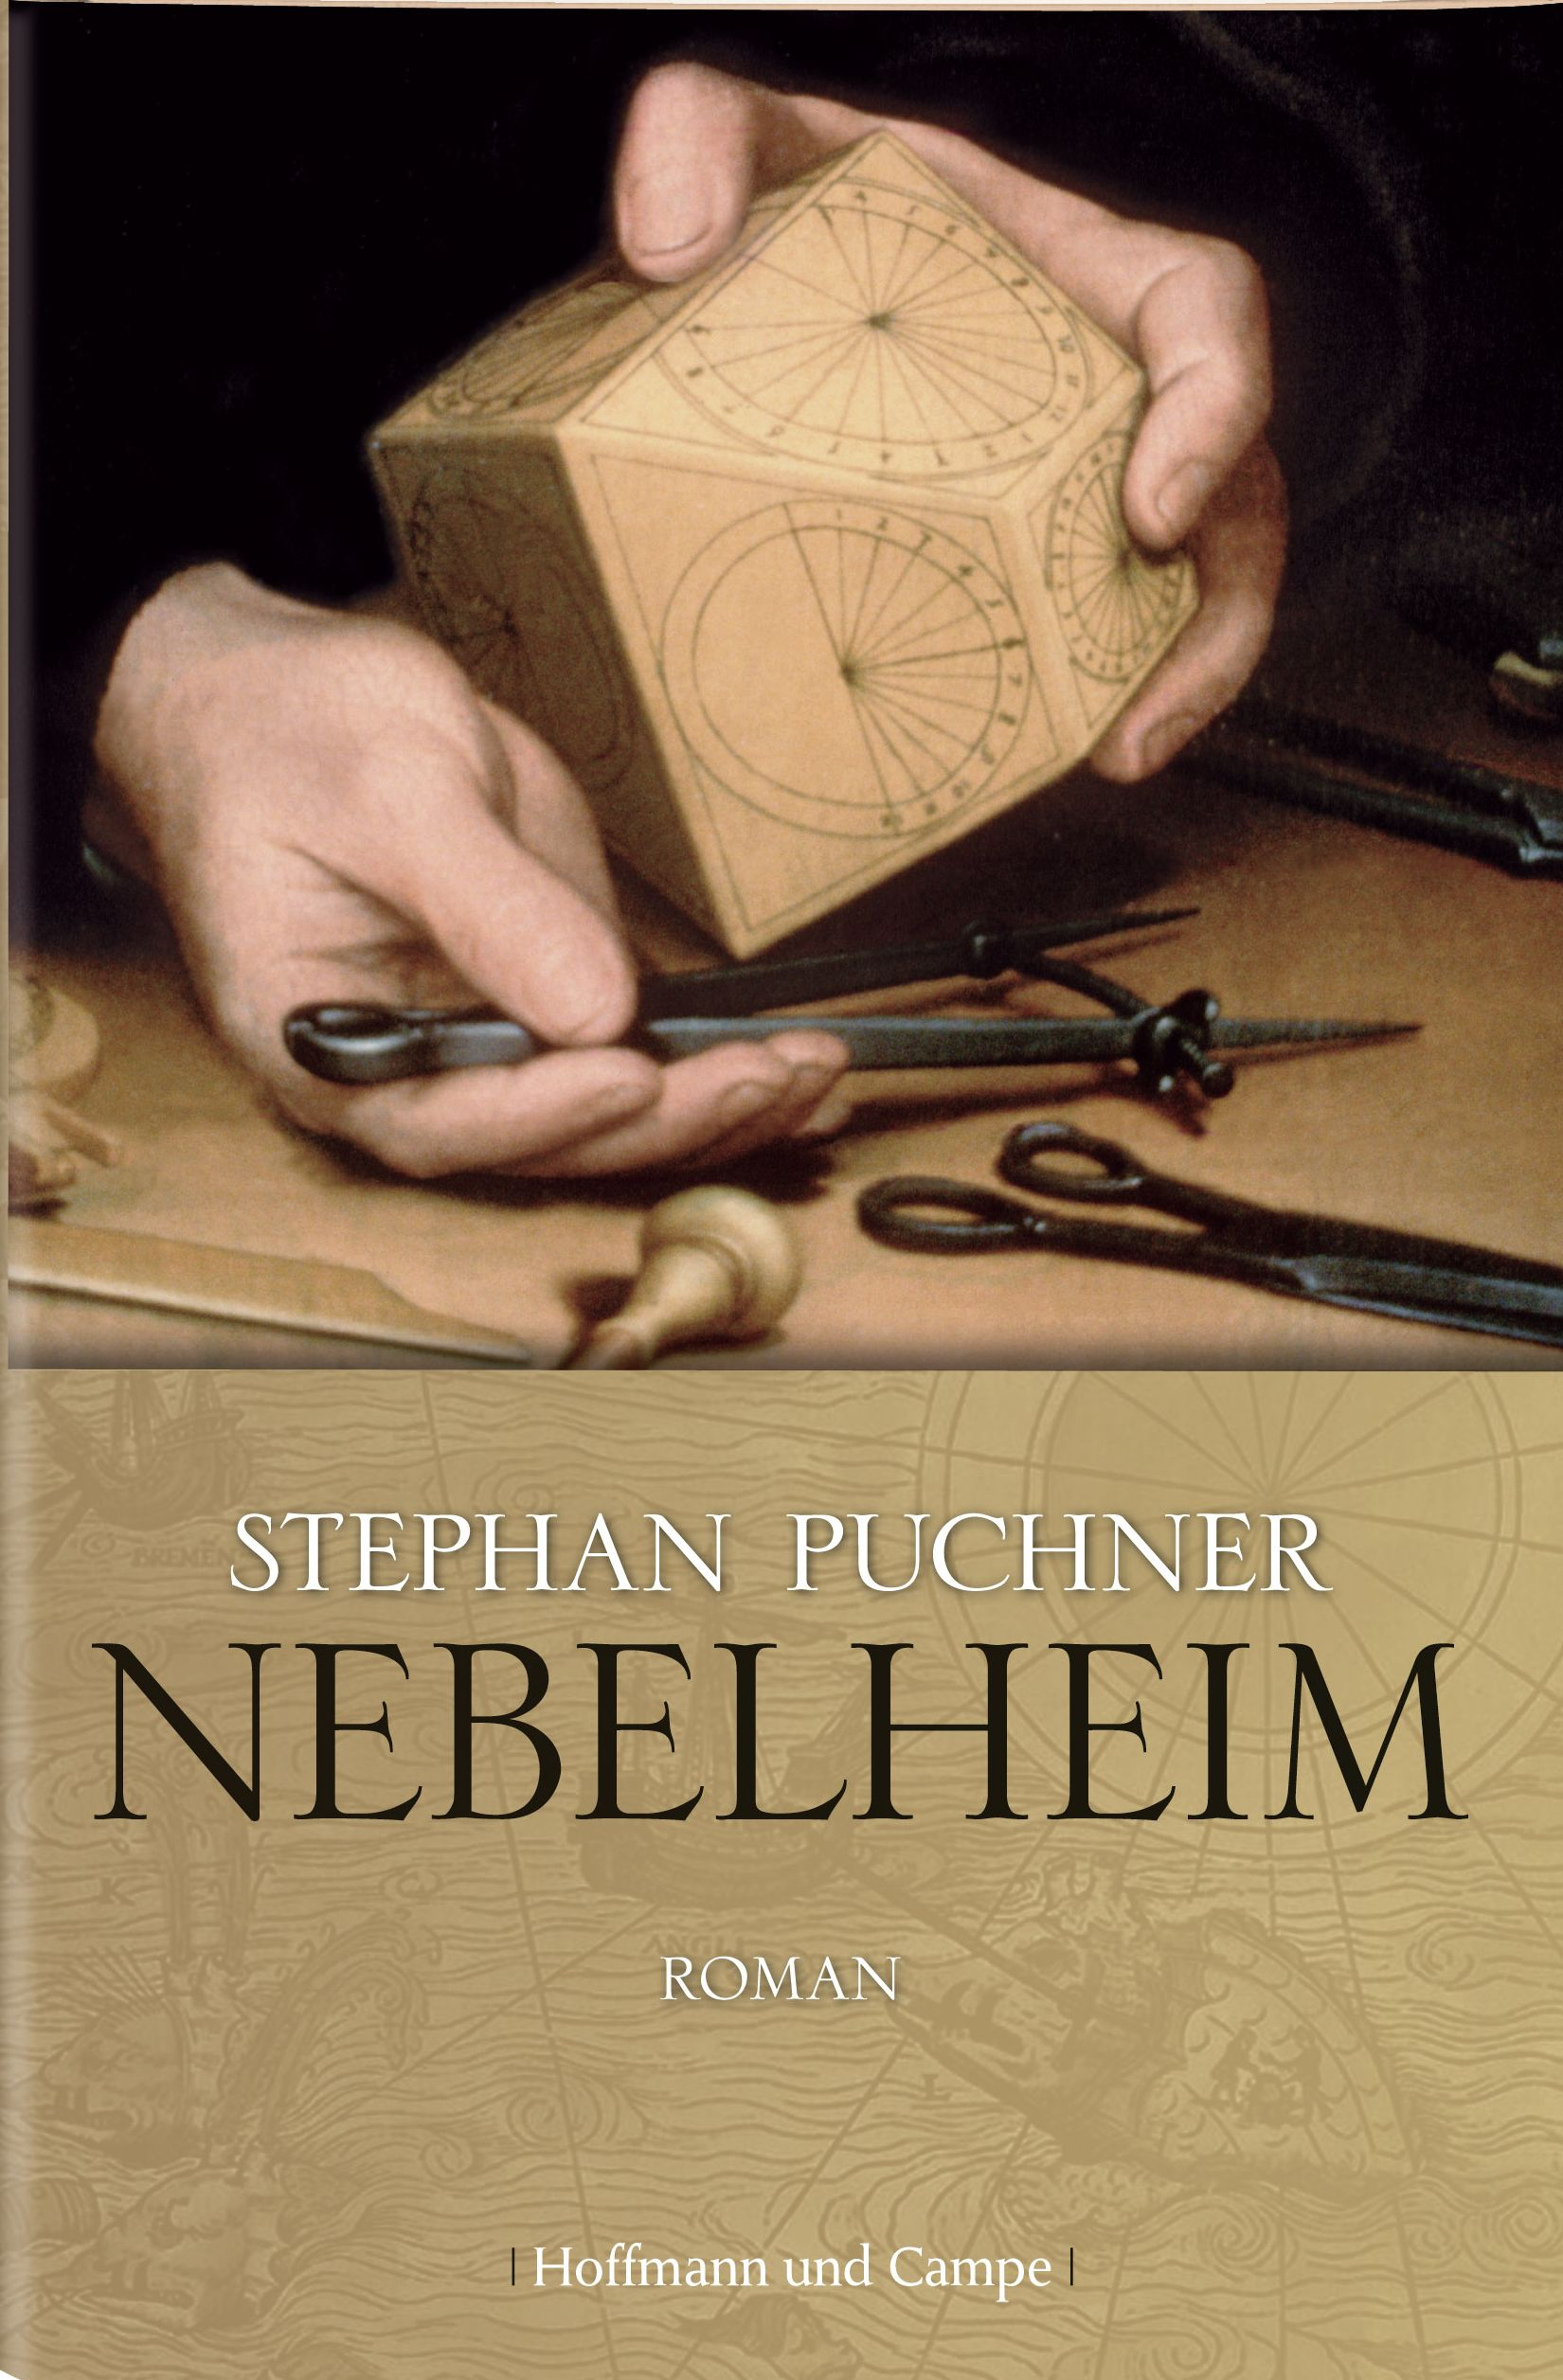 Nebelheim - Stephan Puchner